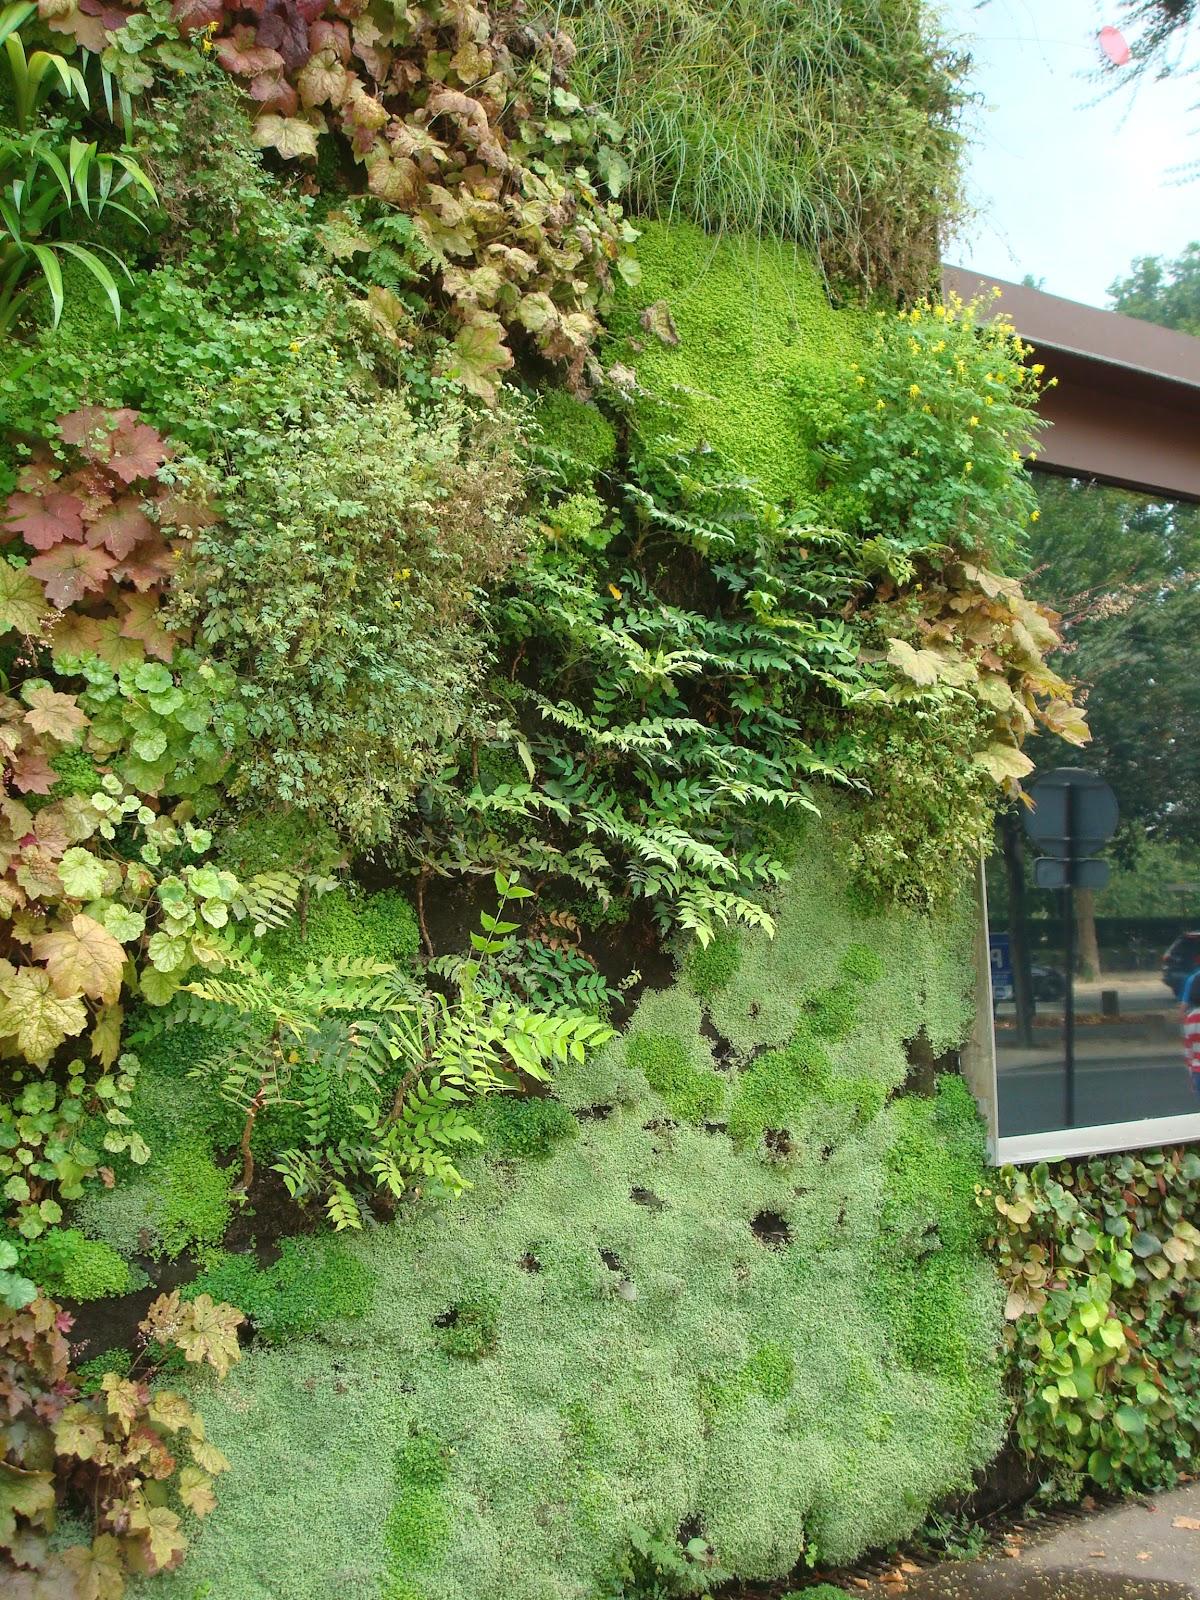 fleuriste isabelle feuvrier le mur v g tal du mus e du quai branly. Black Bedroom Furniture Sets. Home Design Ideas